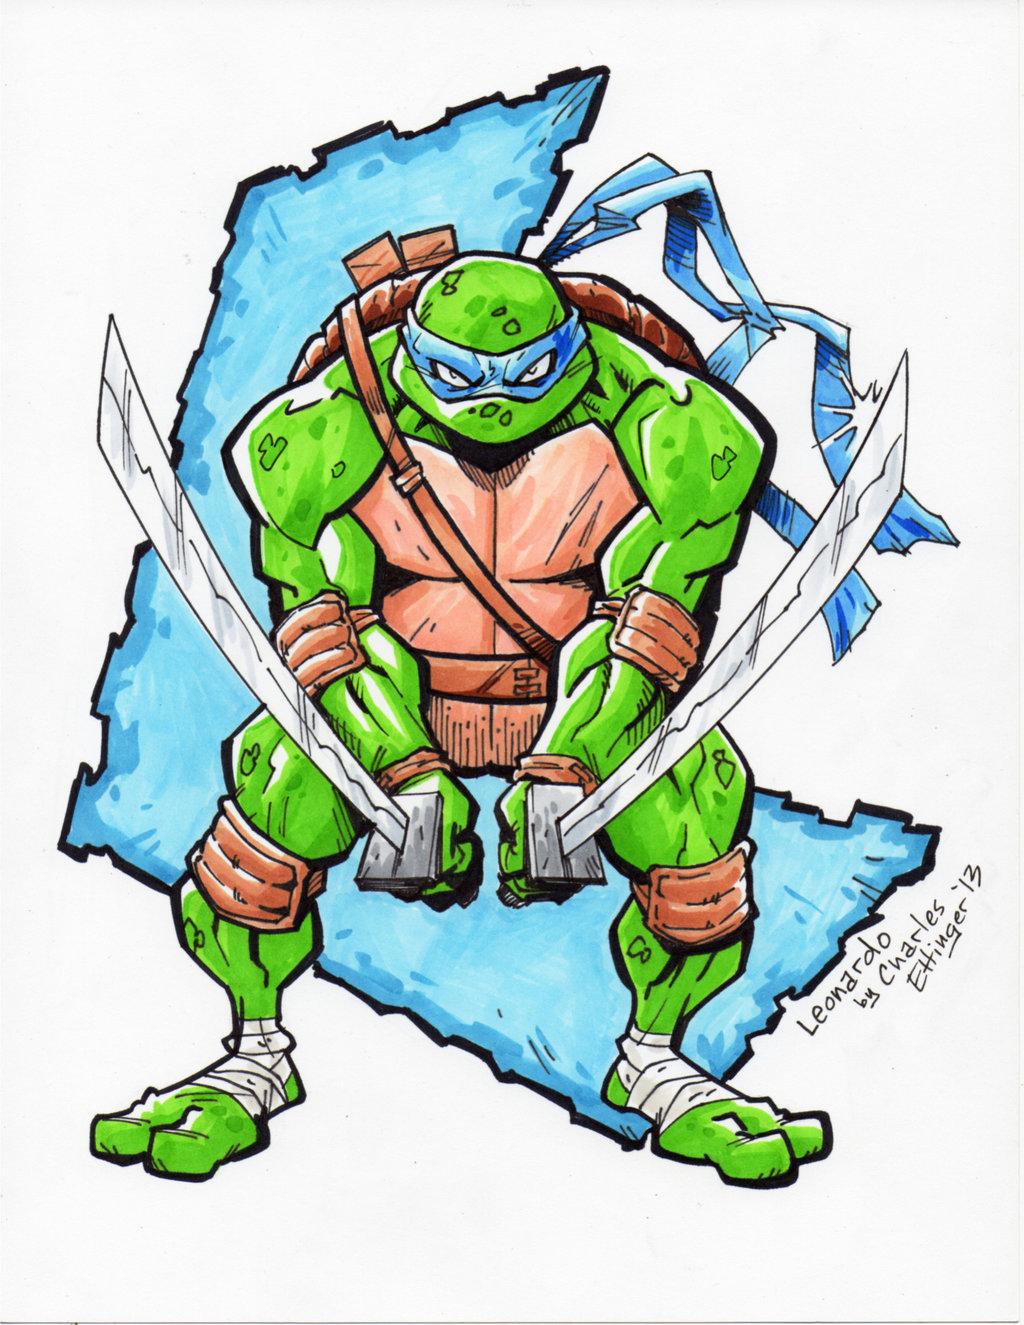 1024x1325 Teenage Mutant Ninja Turtles Leonardo By Charlesettinger